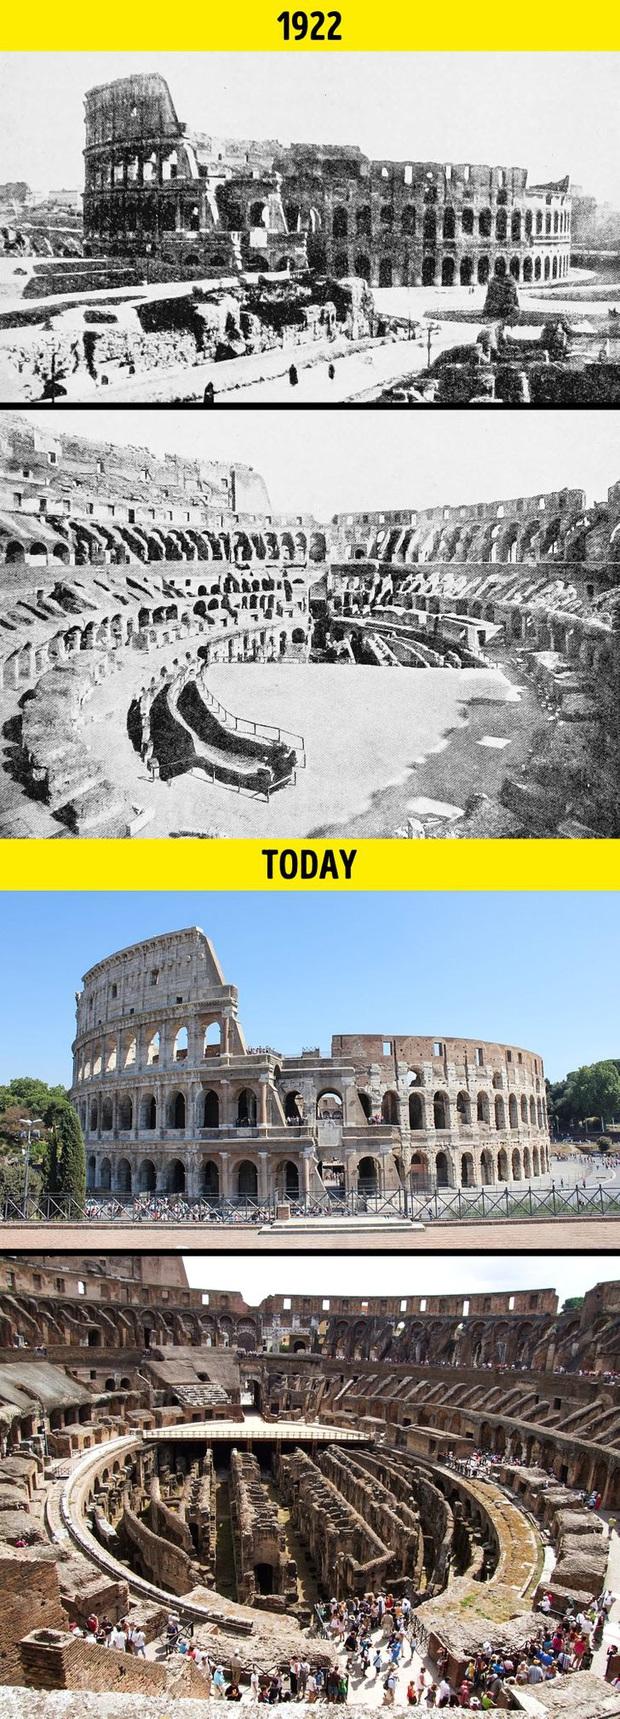 Loạt ảnh xưa và nay cho thấy các địa danh nổi tiếng thế giới đã thay đổi như thế nào trong vòng 1 thế kỷ qua - Ảnh 1.